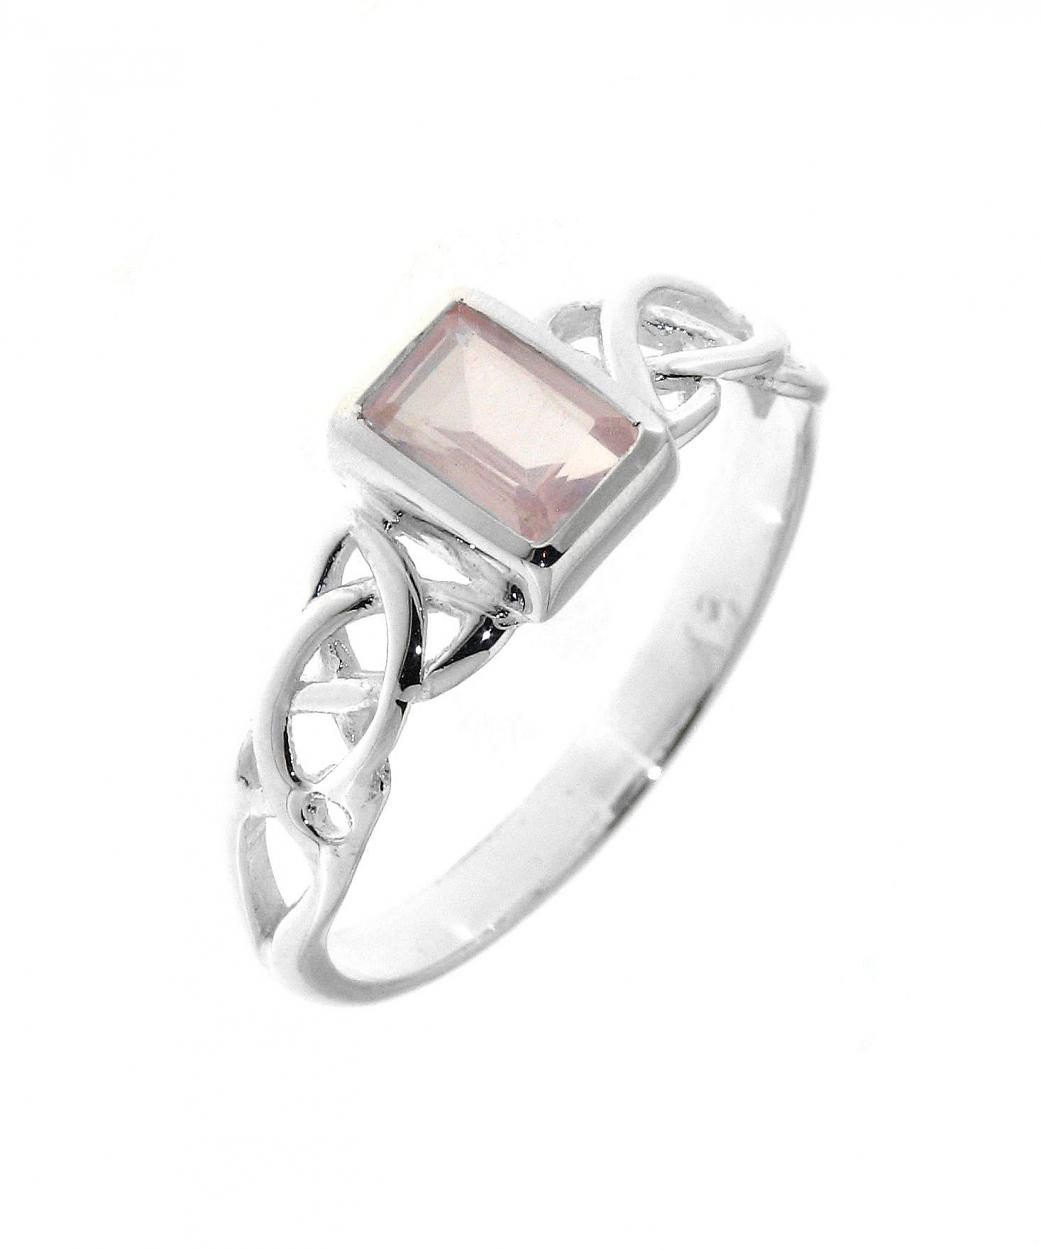 bague quartz rose argent motif celtique ref 32054. Black Bedroom Furniture Sets. Home Design Ideas